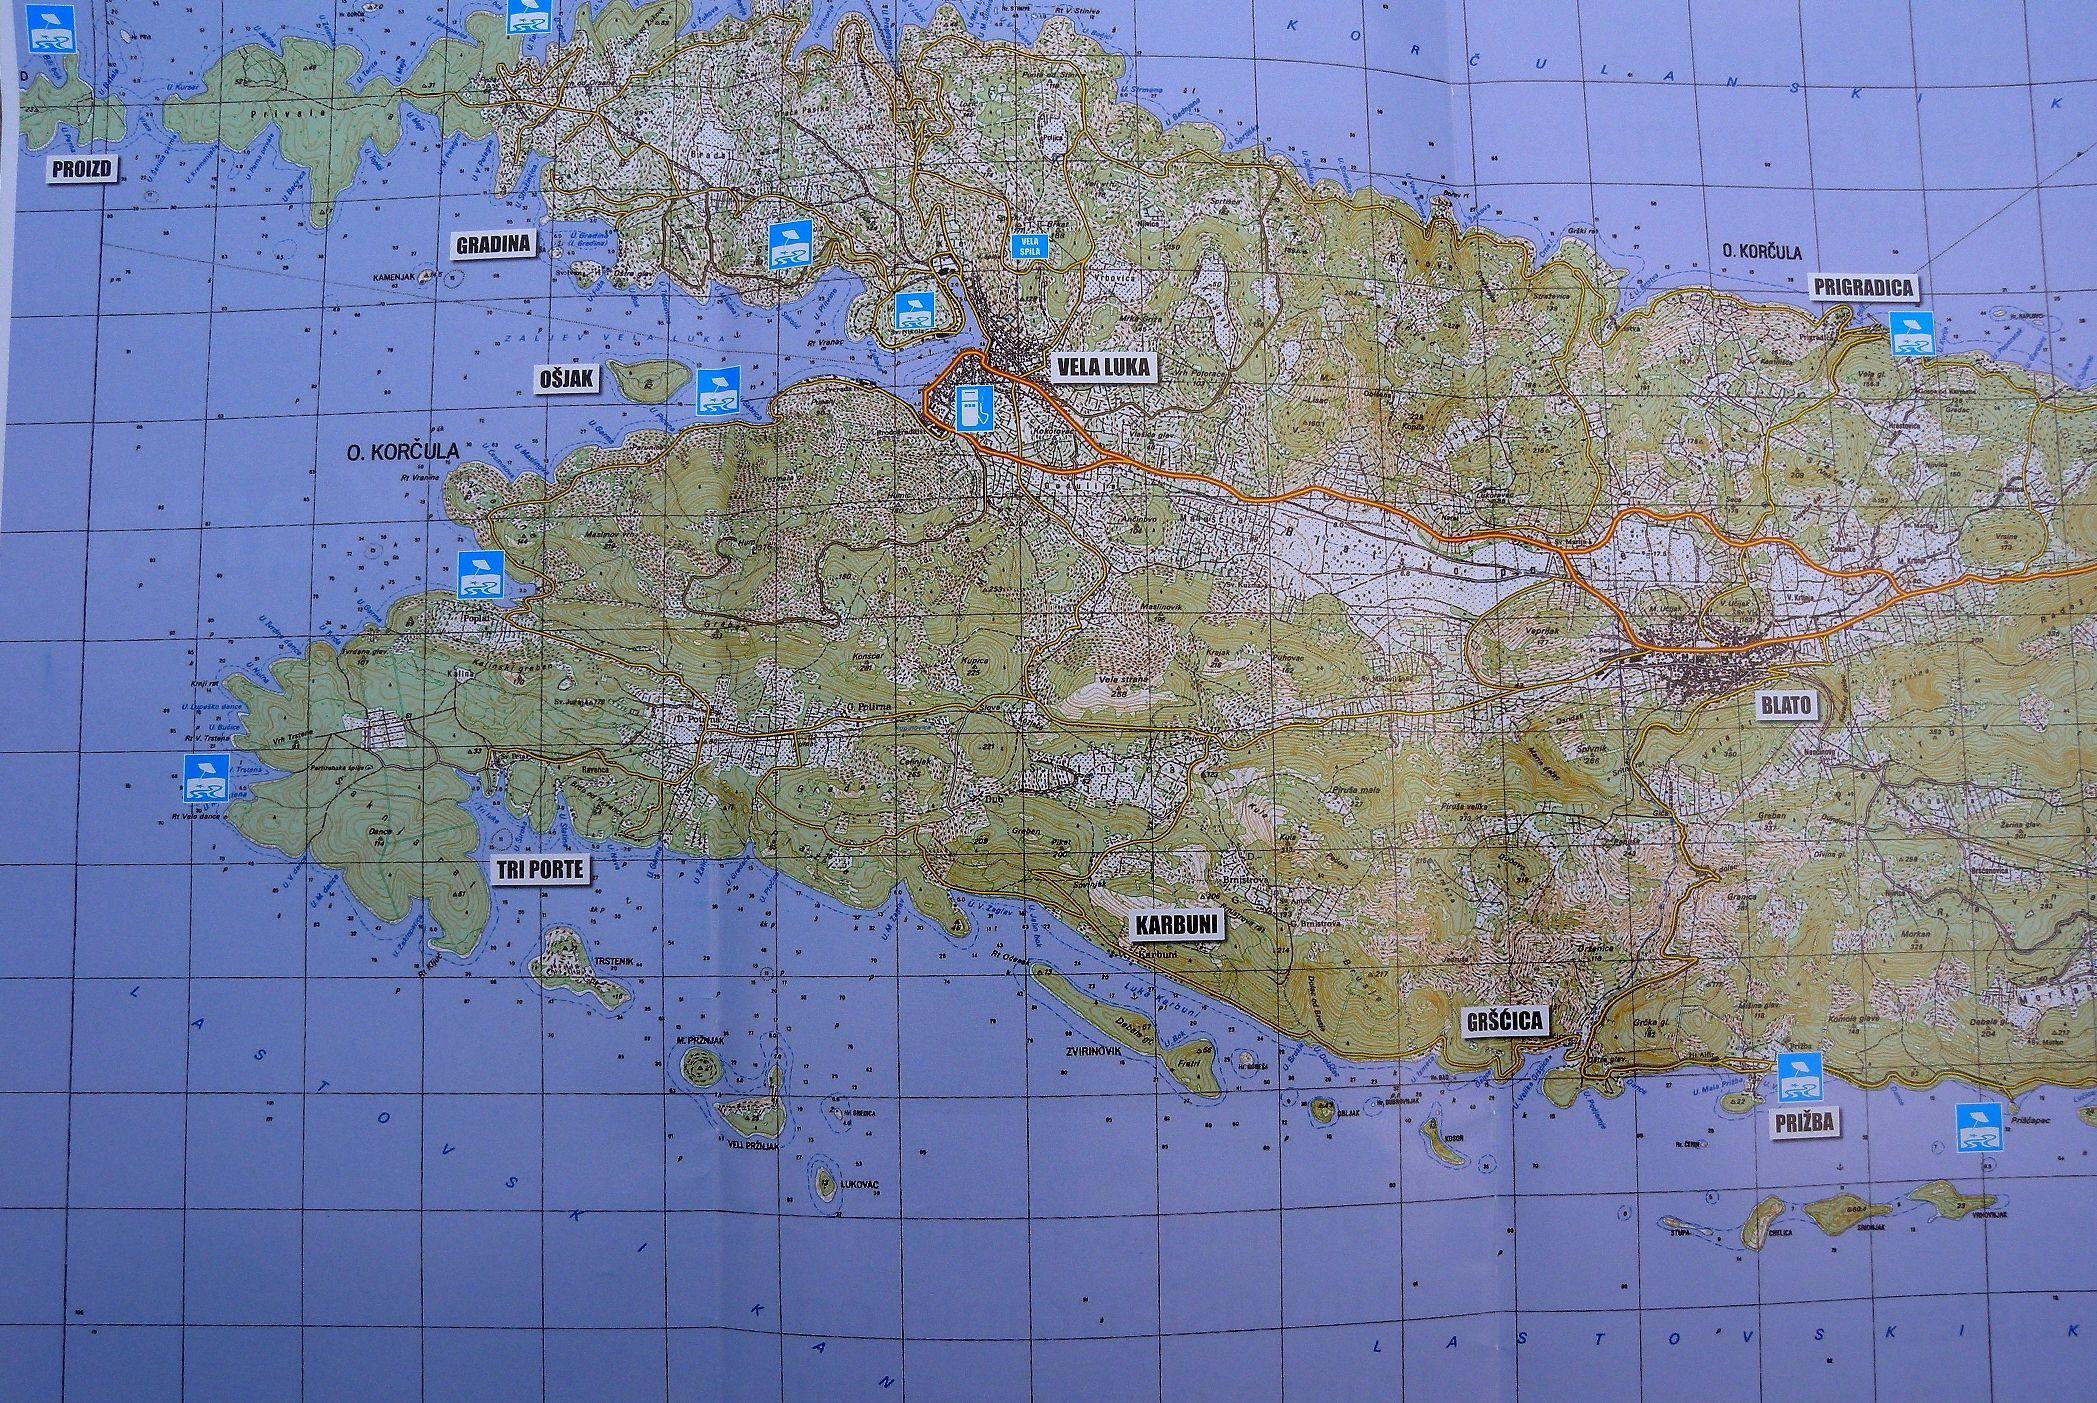 Road map of Korcula Vela Luka Croatia httpwwwhikenownet